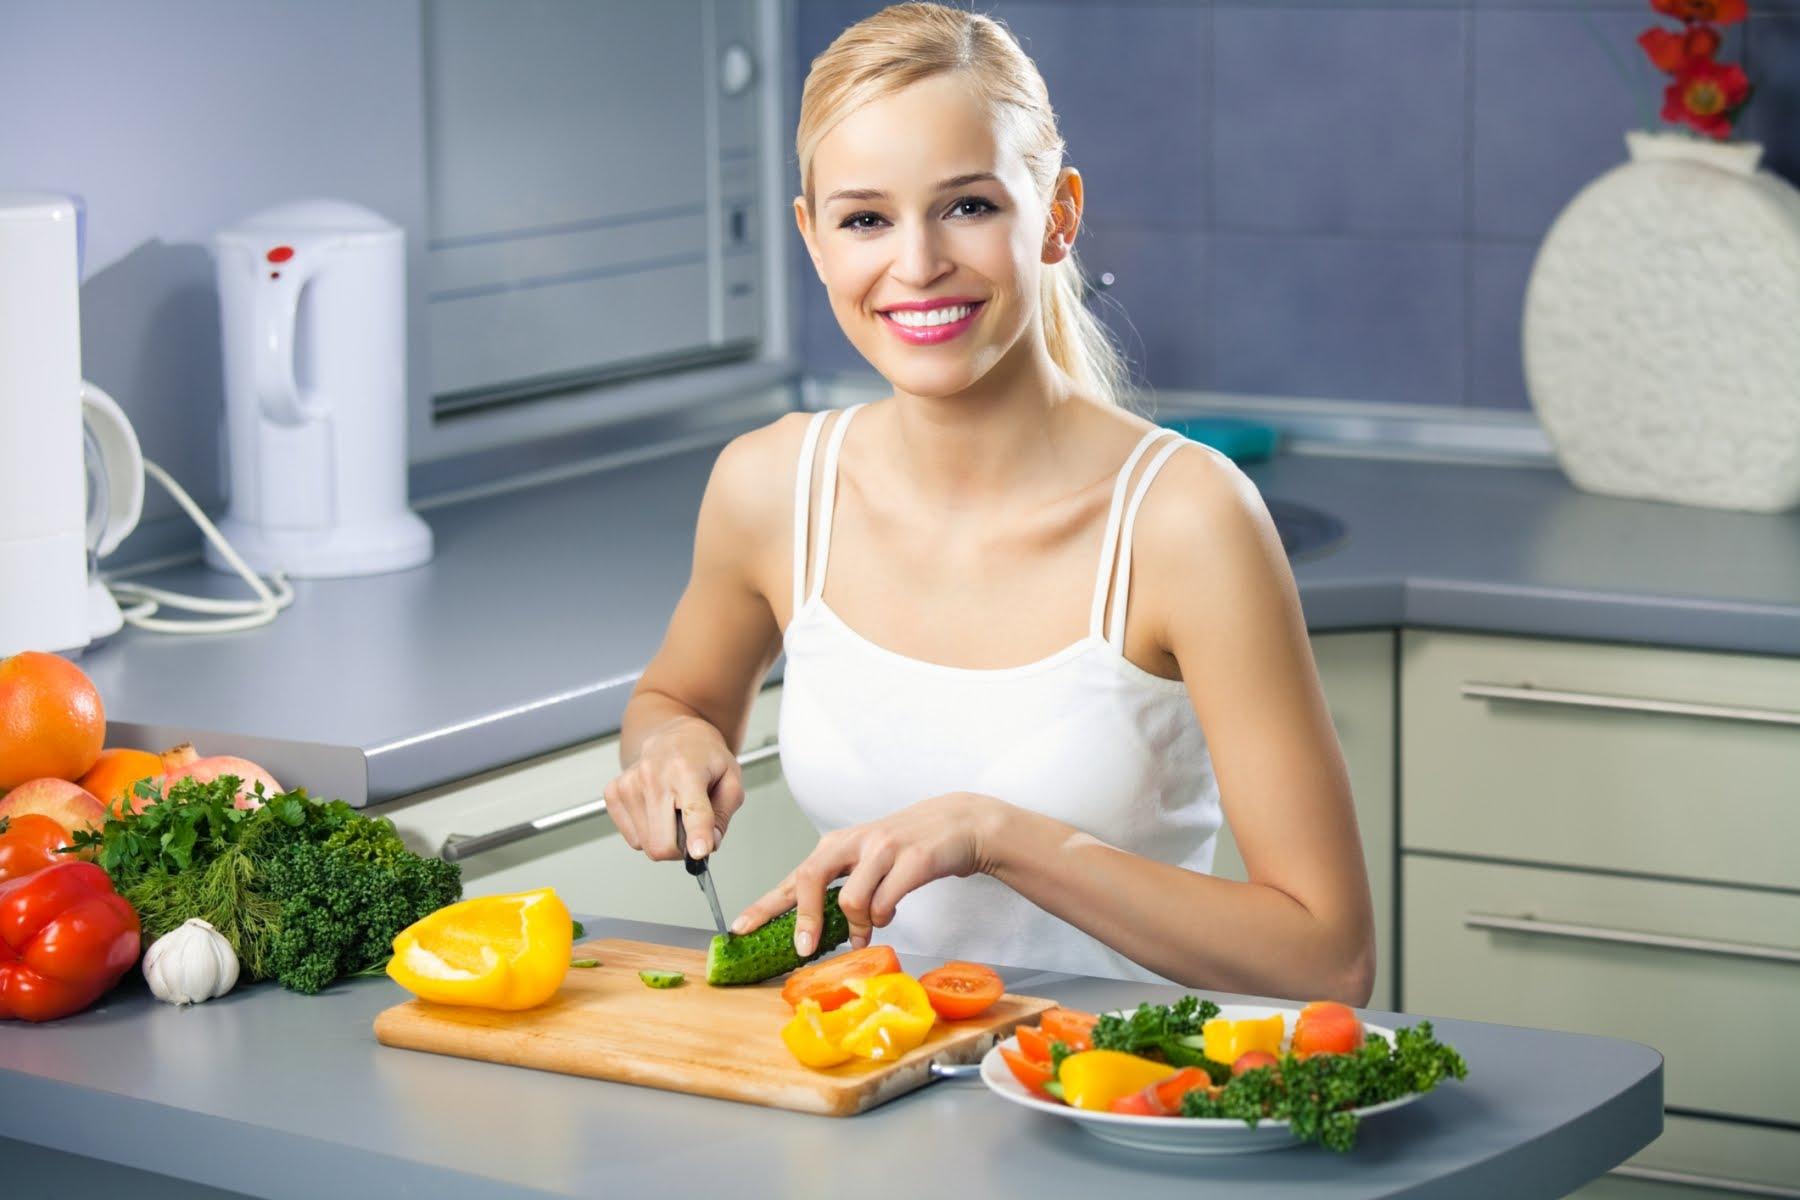 Различные Простые Диеты. Самая простая и эффективная диета